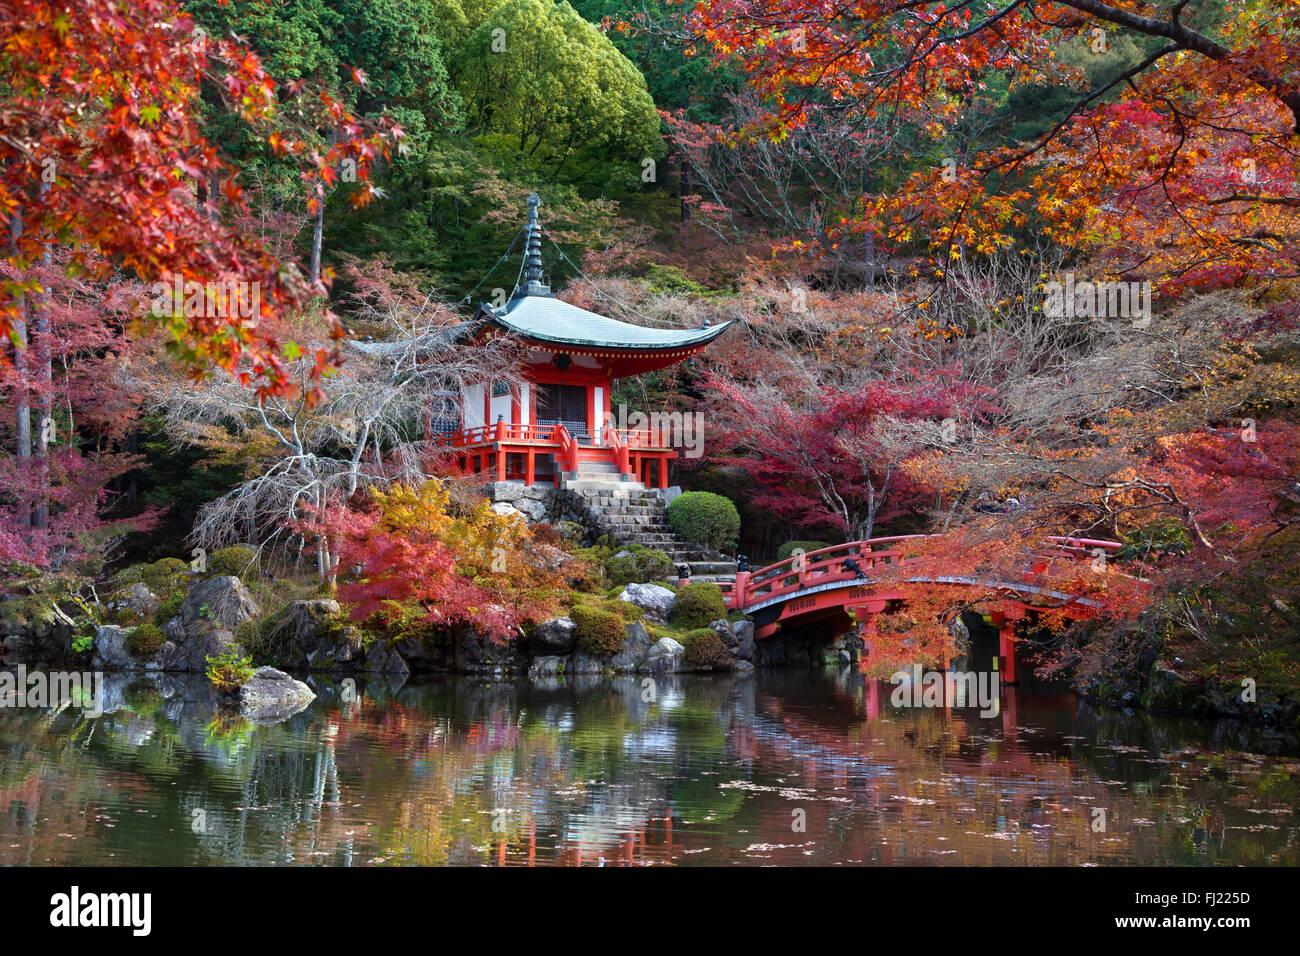 Daigoji, templo de la secta Shingon del budismo japonés y declarada patrimonio de la humanidad por la UNESCO Imagen De Stock